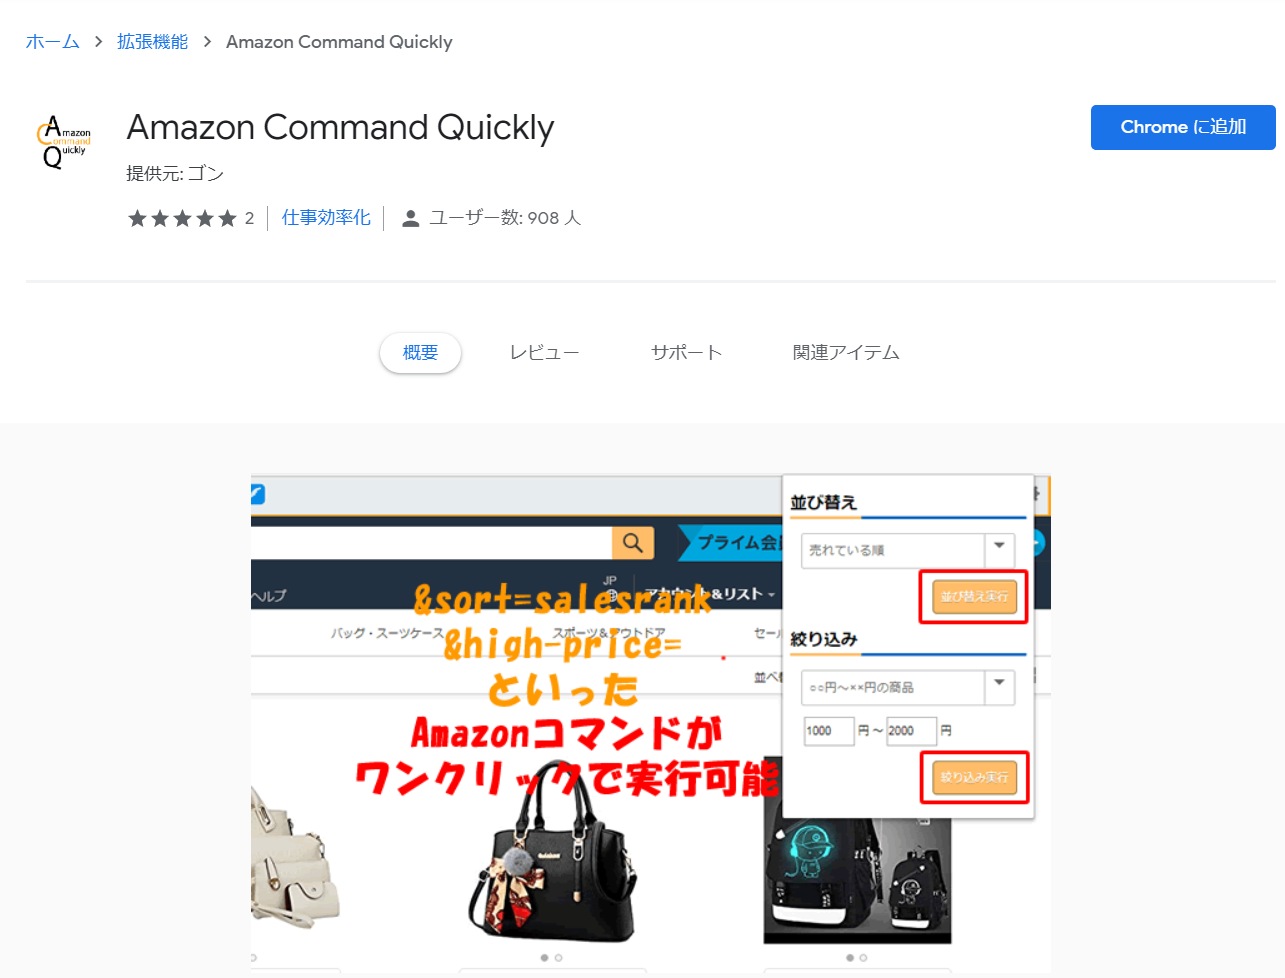 Amazon Command Quickly